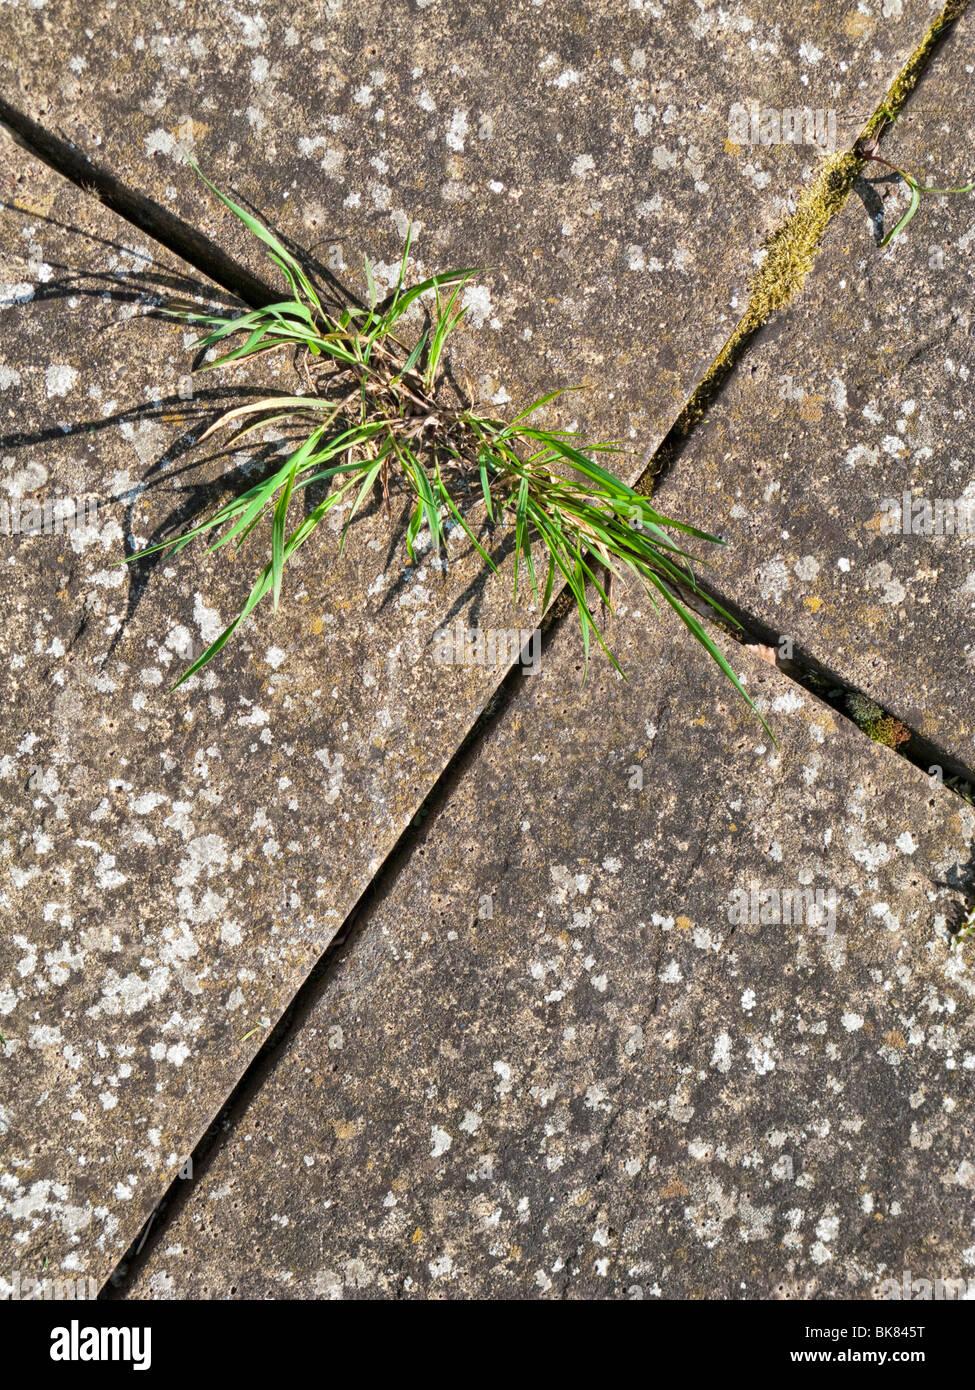 La croissance des mauvaises herbes communes dans les fissures entre les dalles de pavage Photo Stock